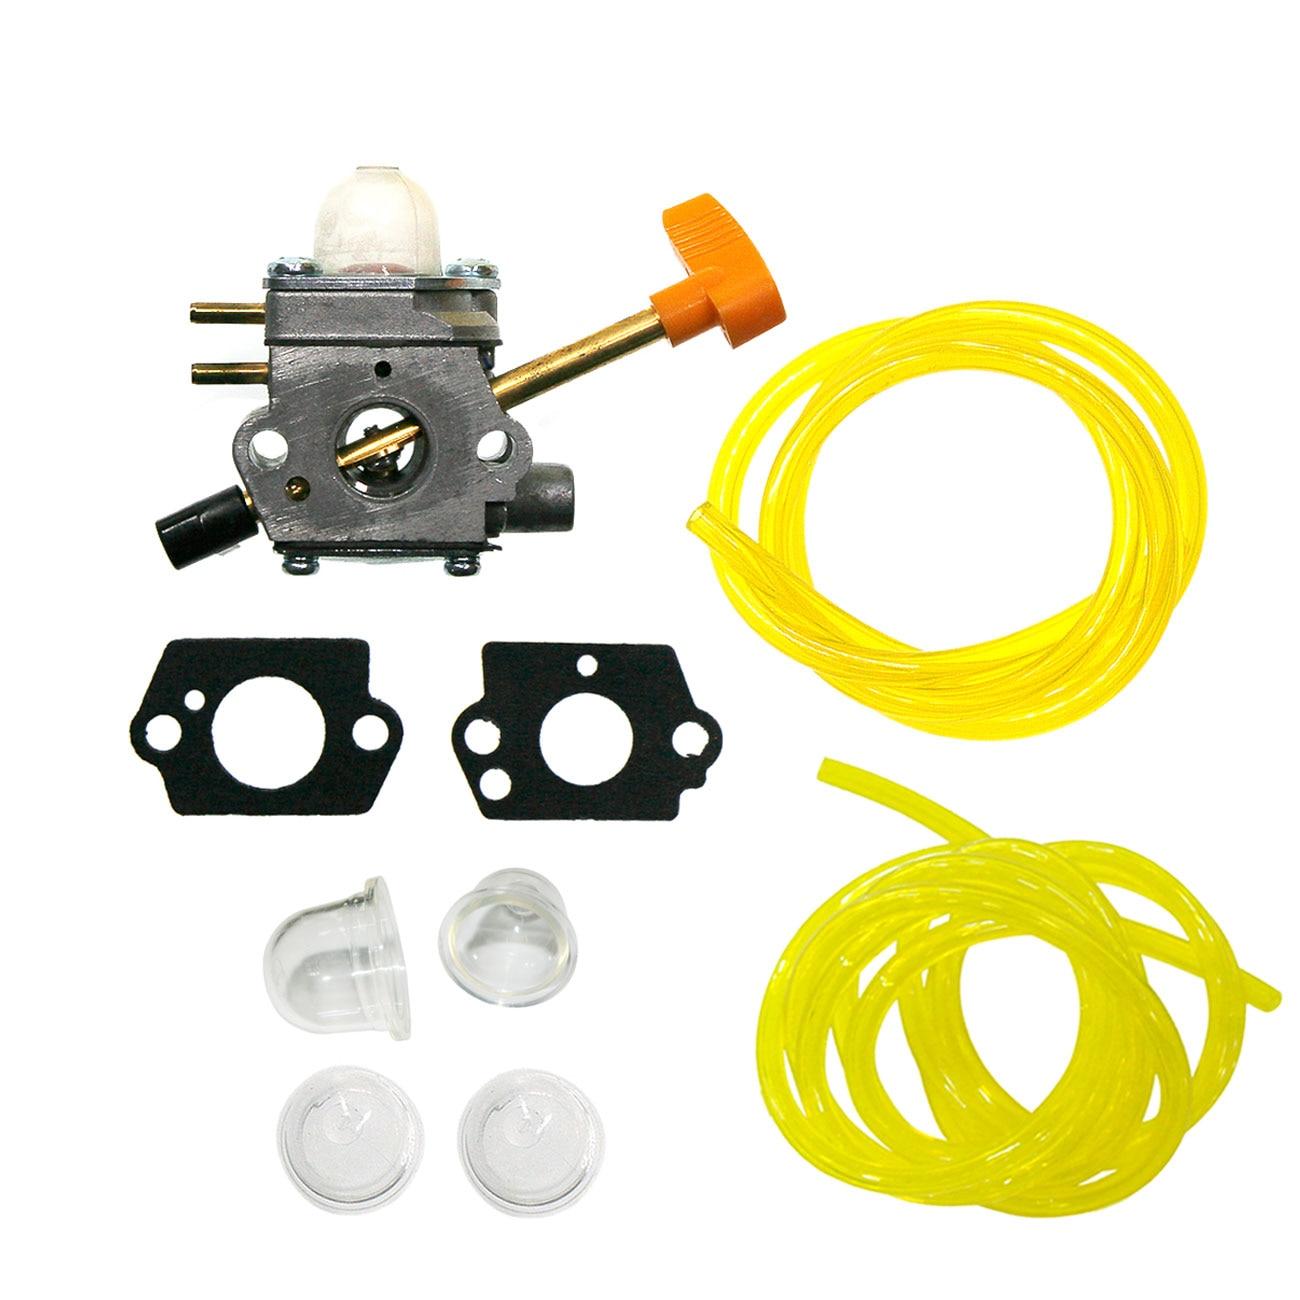 Carb Primer Bulb Oil Hose For Homelite 308054041 UT09520 UT09521 UT09525